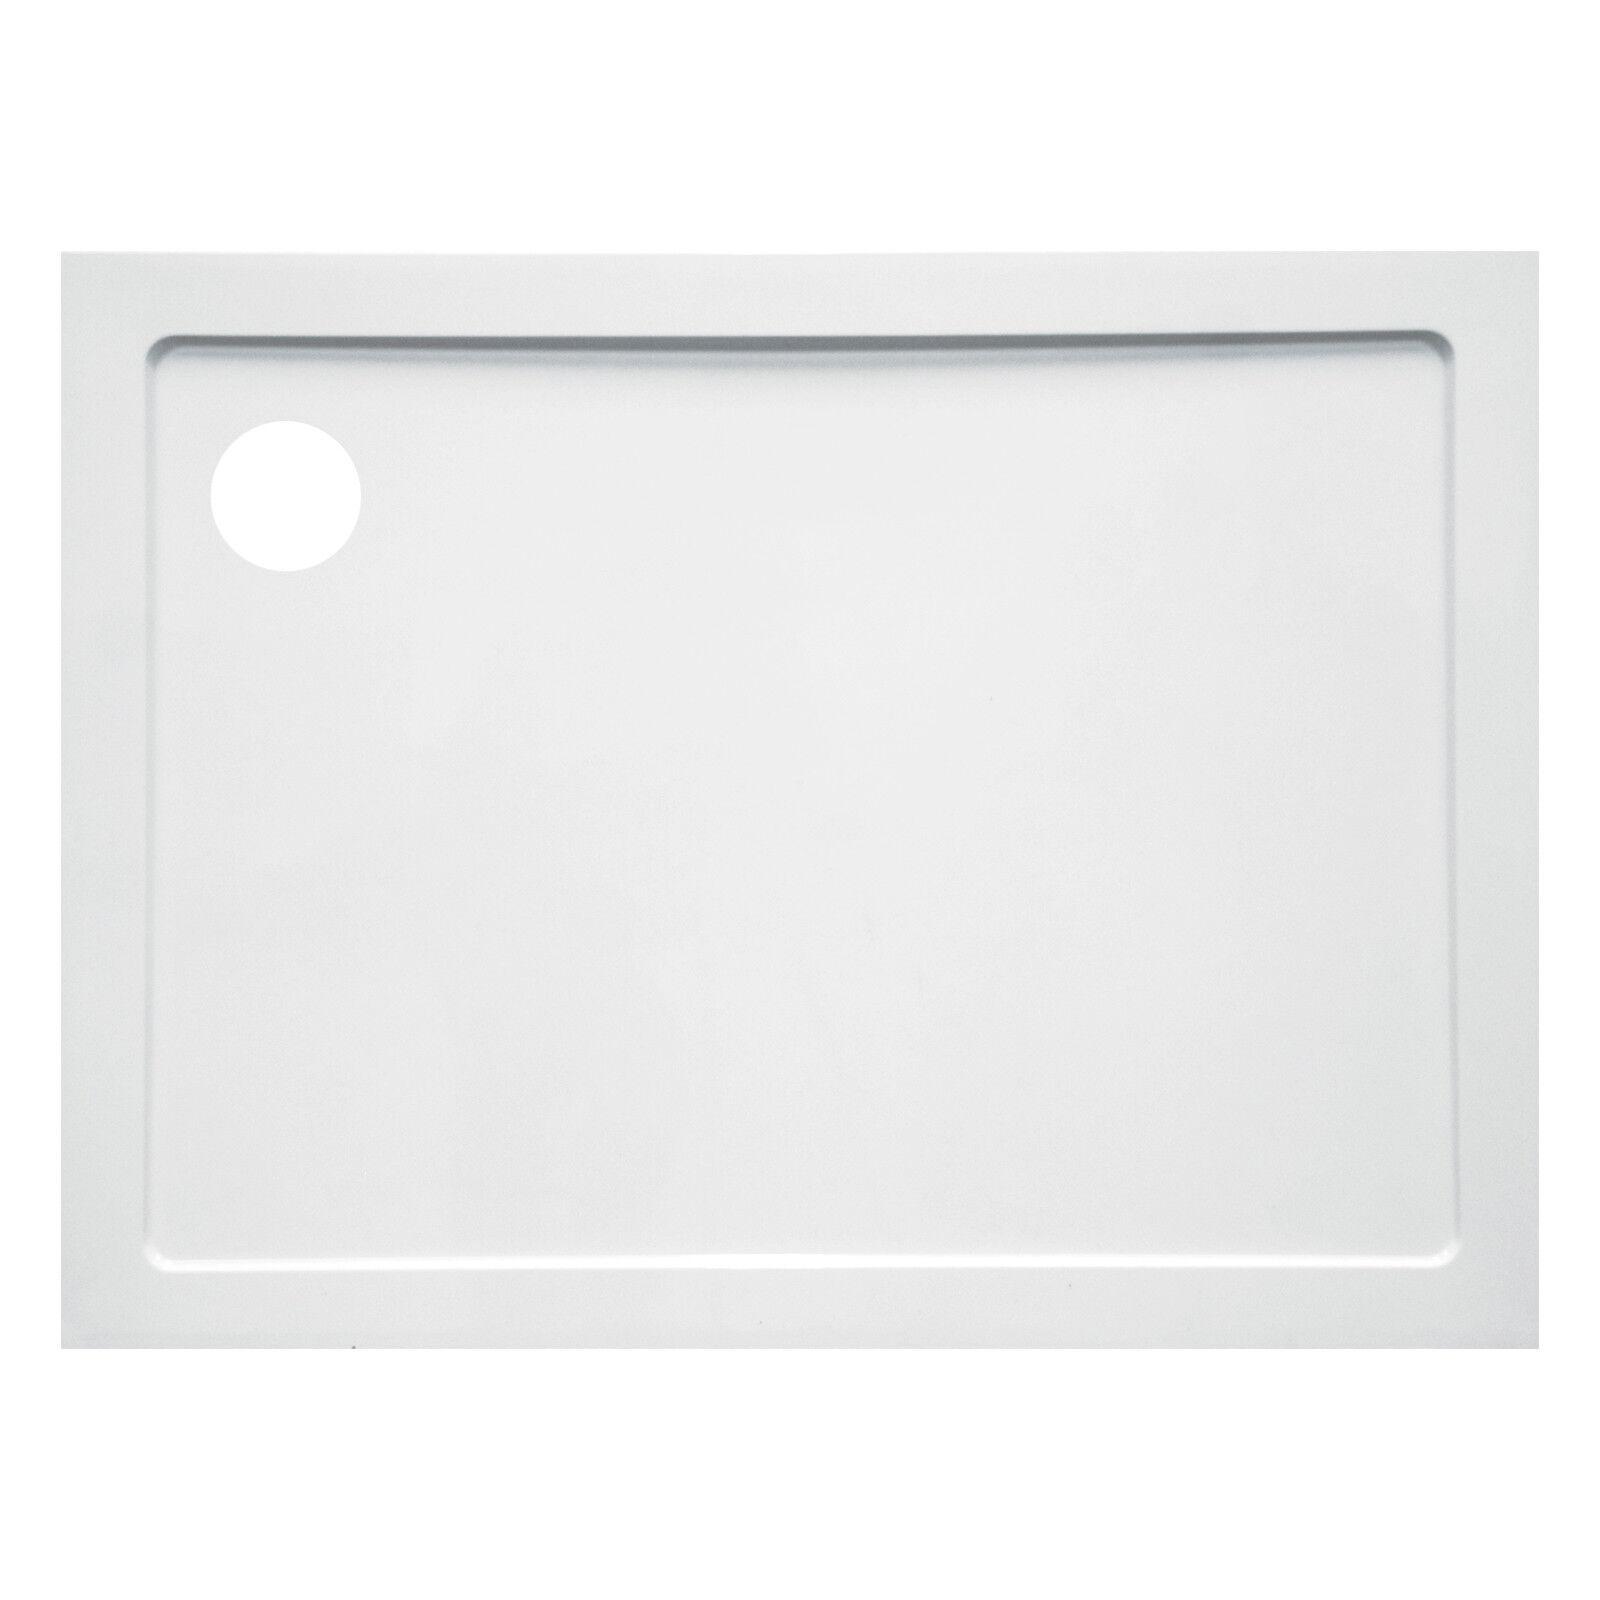 Piatto doccia 70 x 100 cm h 3,5 cm ultra slim in acrilico bianco design moderno